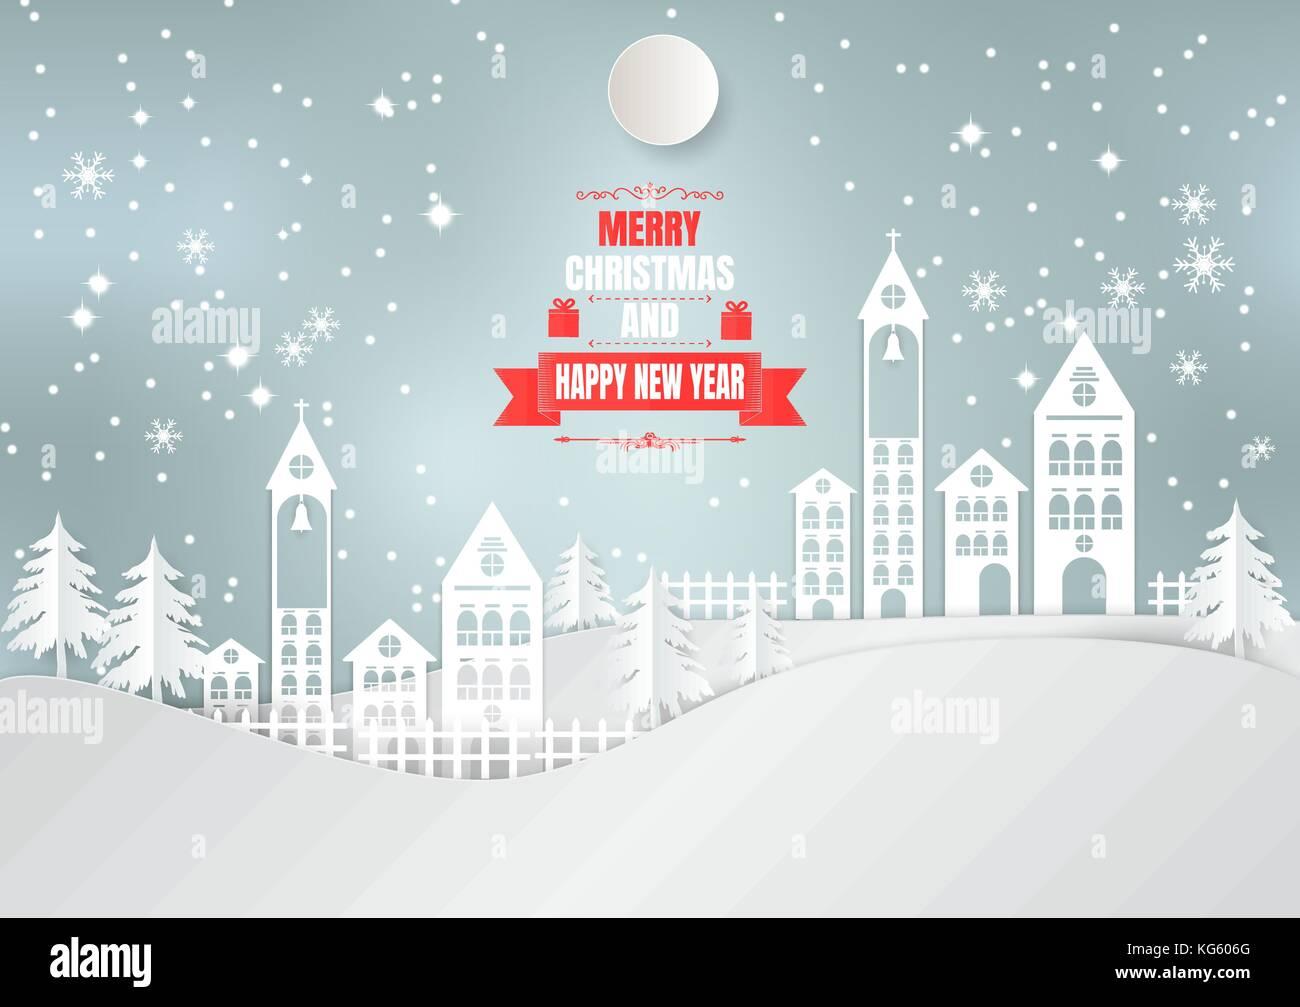 Carta stile Arte Città per la stagione di Natale con il simbolo del fiocco di neve e ad albero. illustrazione Immagini Stock